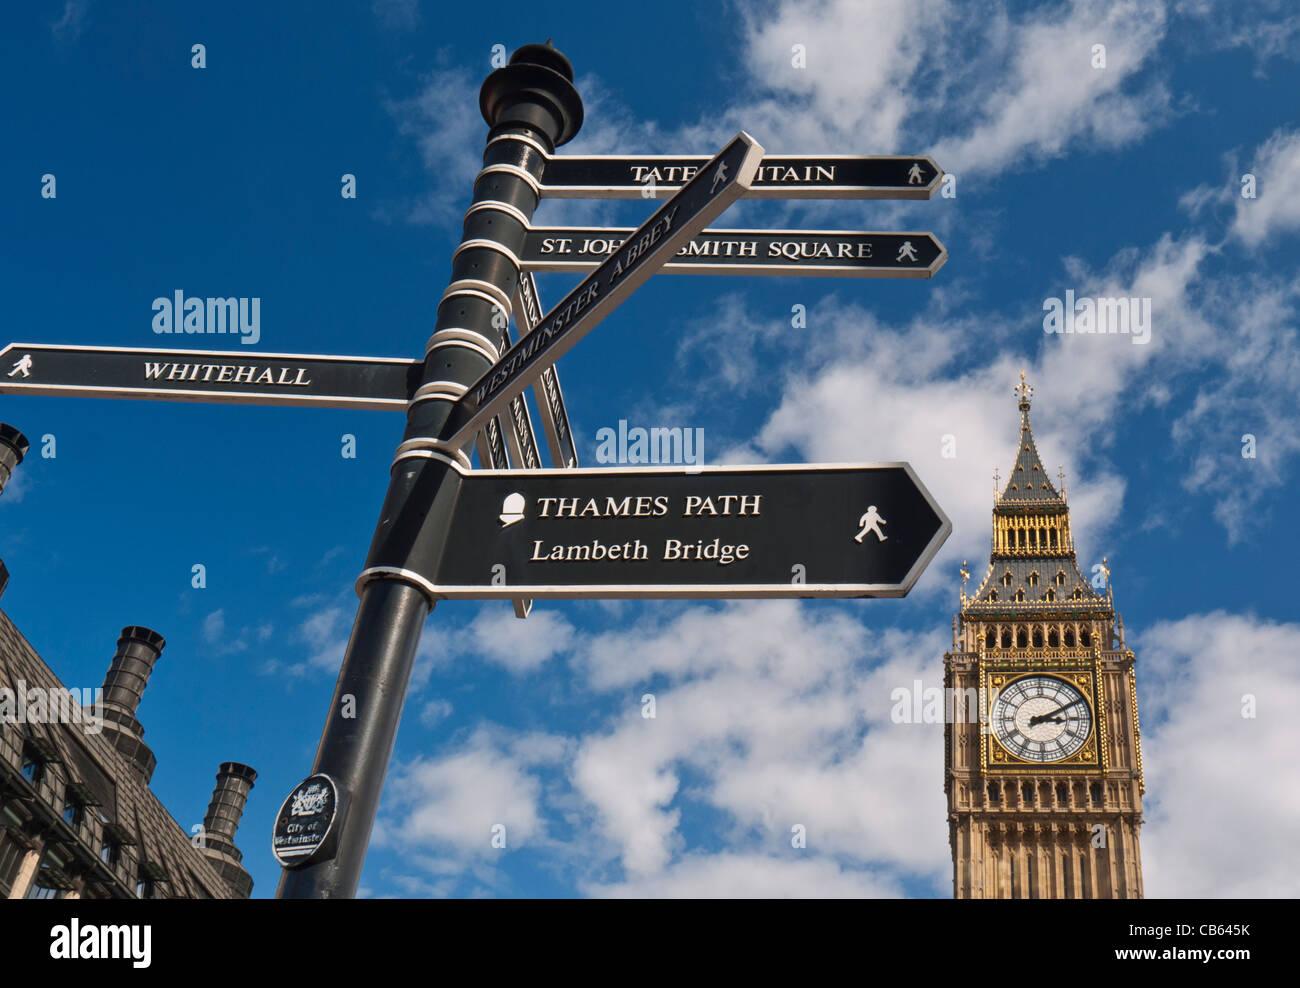 Poteau de signalisation à Westminster en orientant les visiteurs à divers points d'intérêt Photo Stock